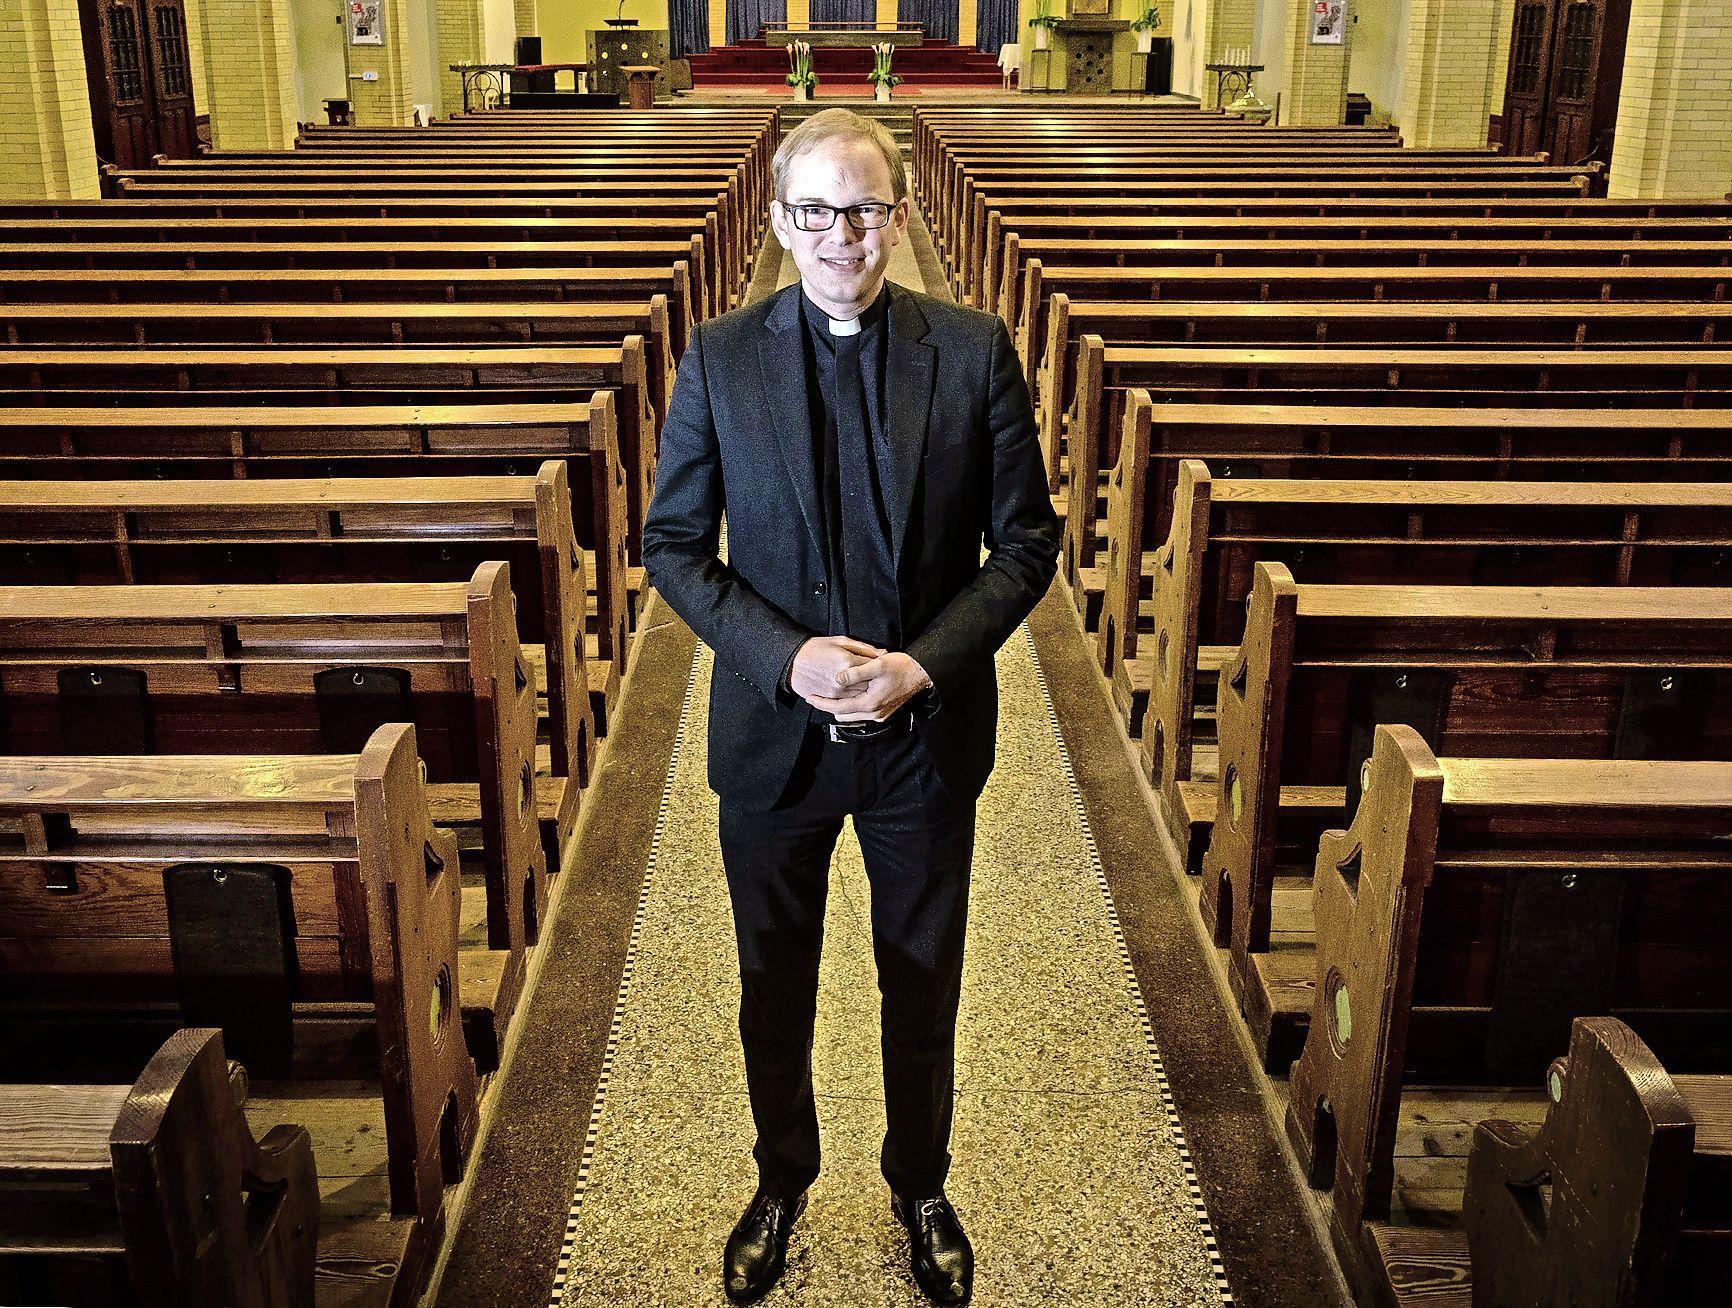 In de kerken van de Noordkop is het niet stil deze Pasen, al is er slechts een klein gezelschap welkom. Voor pastoor Tilma maakt dat niet uit: 'al zijn het er maar tien, ik vind het schitterend'